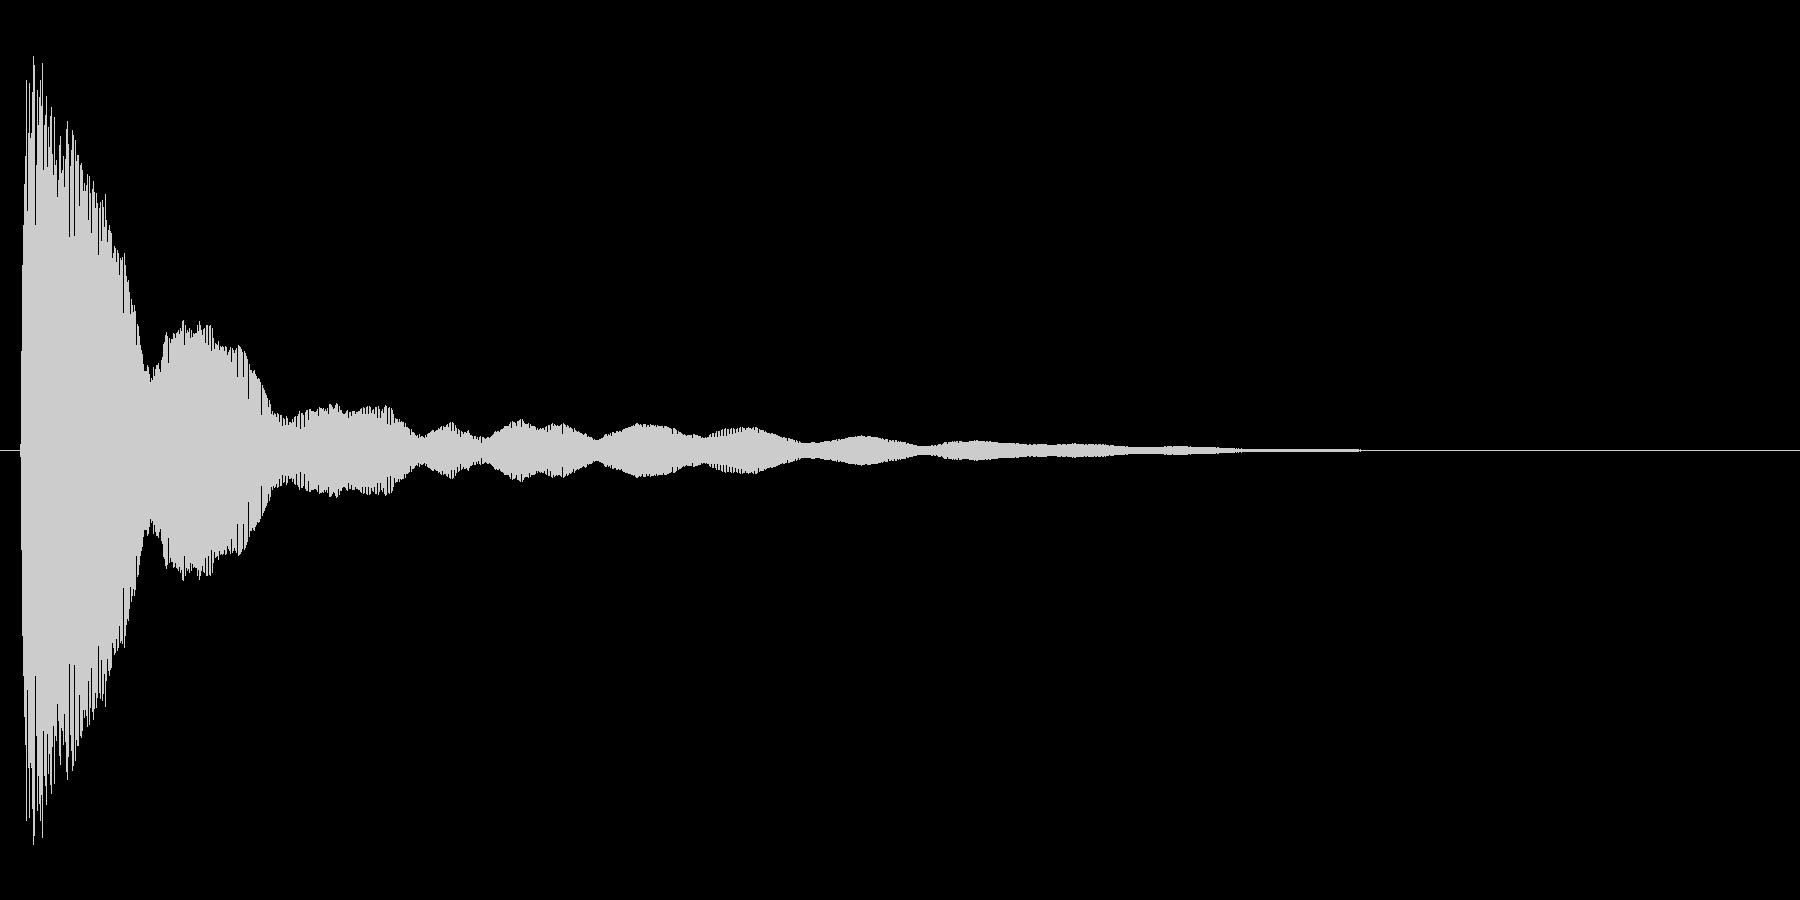 コミカルなバネのような効果音(high)の未再生の波形